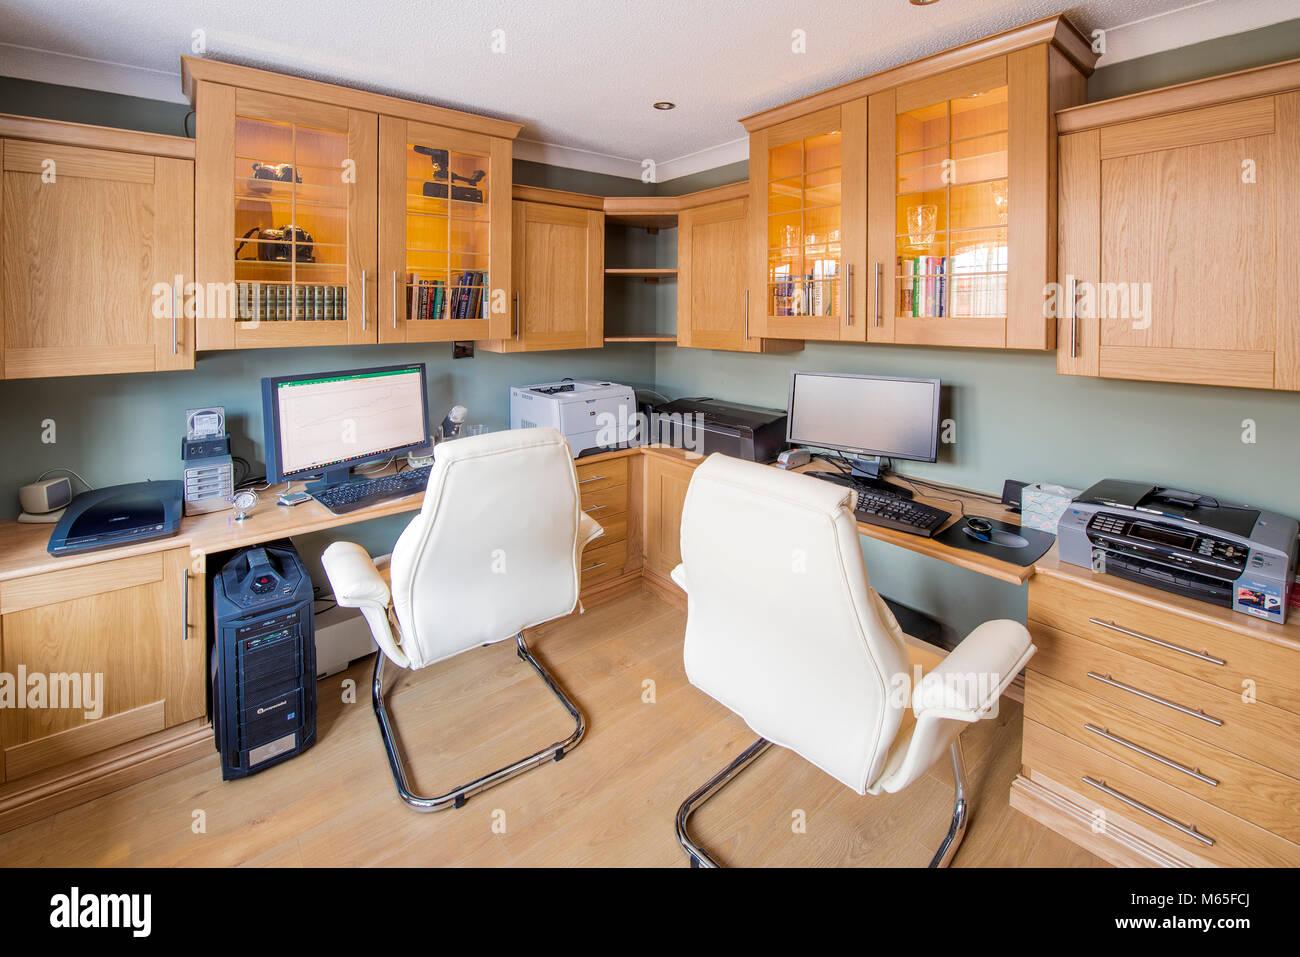 Home office o di uno studio che mostra mobili, scrivanie, computer, stampanti e sedie Immagini Stock